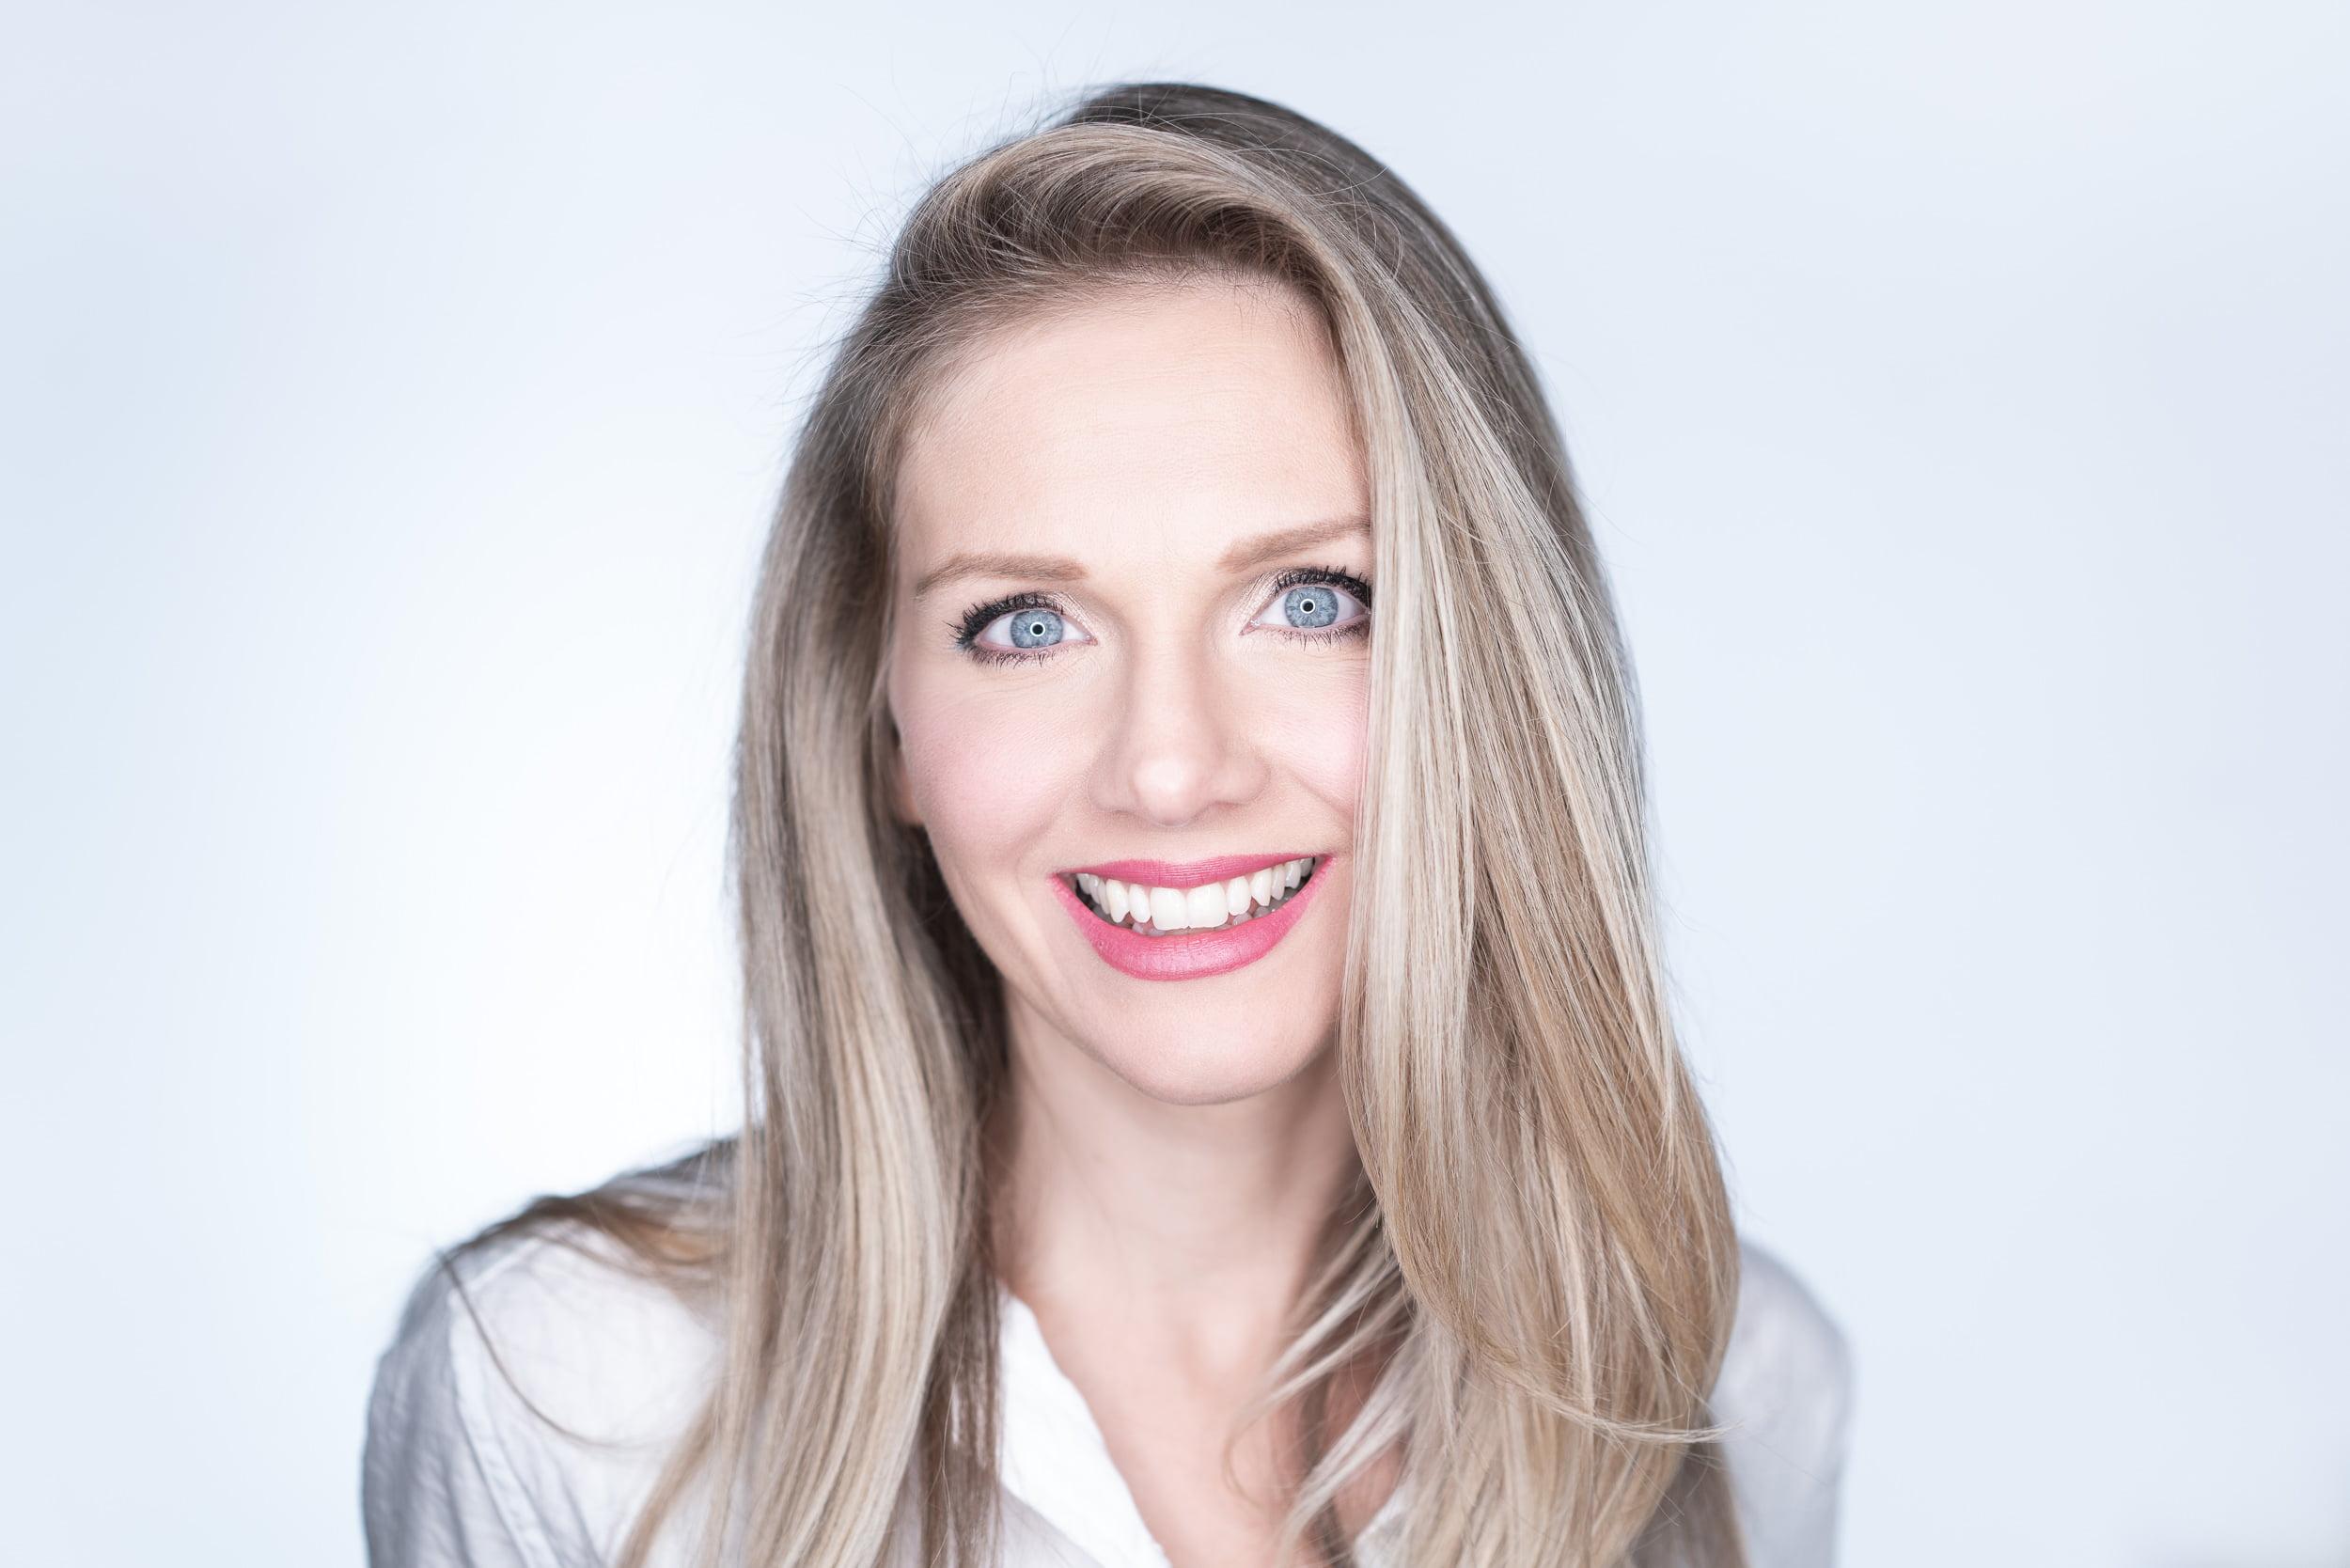 Elisa Tidswell